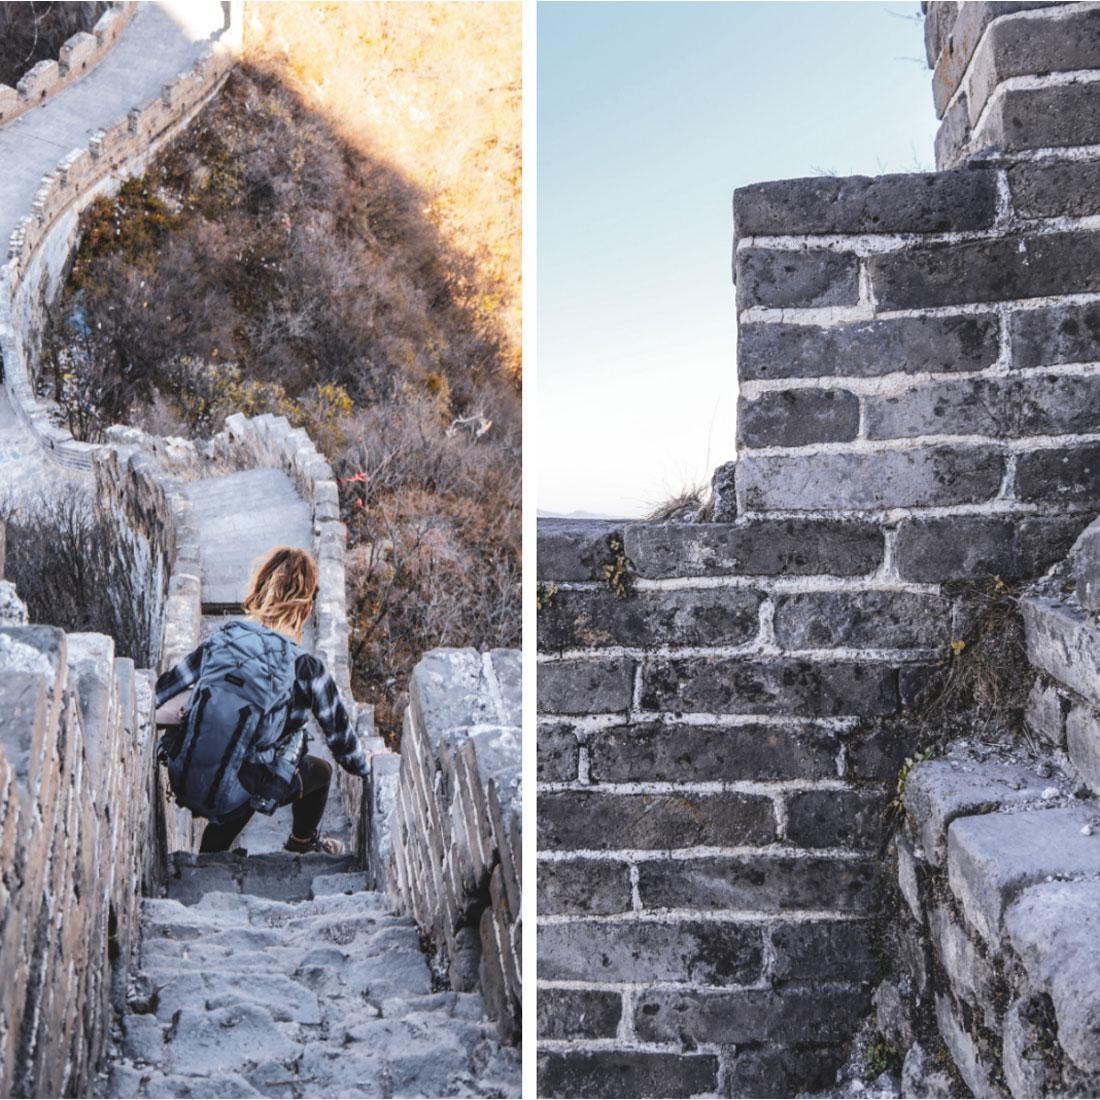 Descente des escaliers du ciel